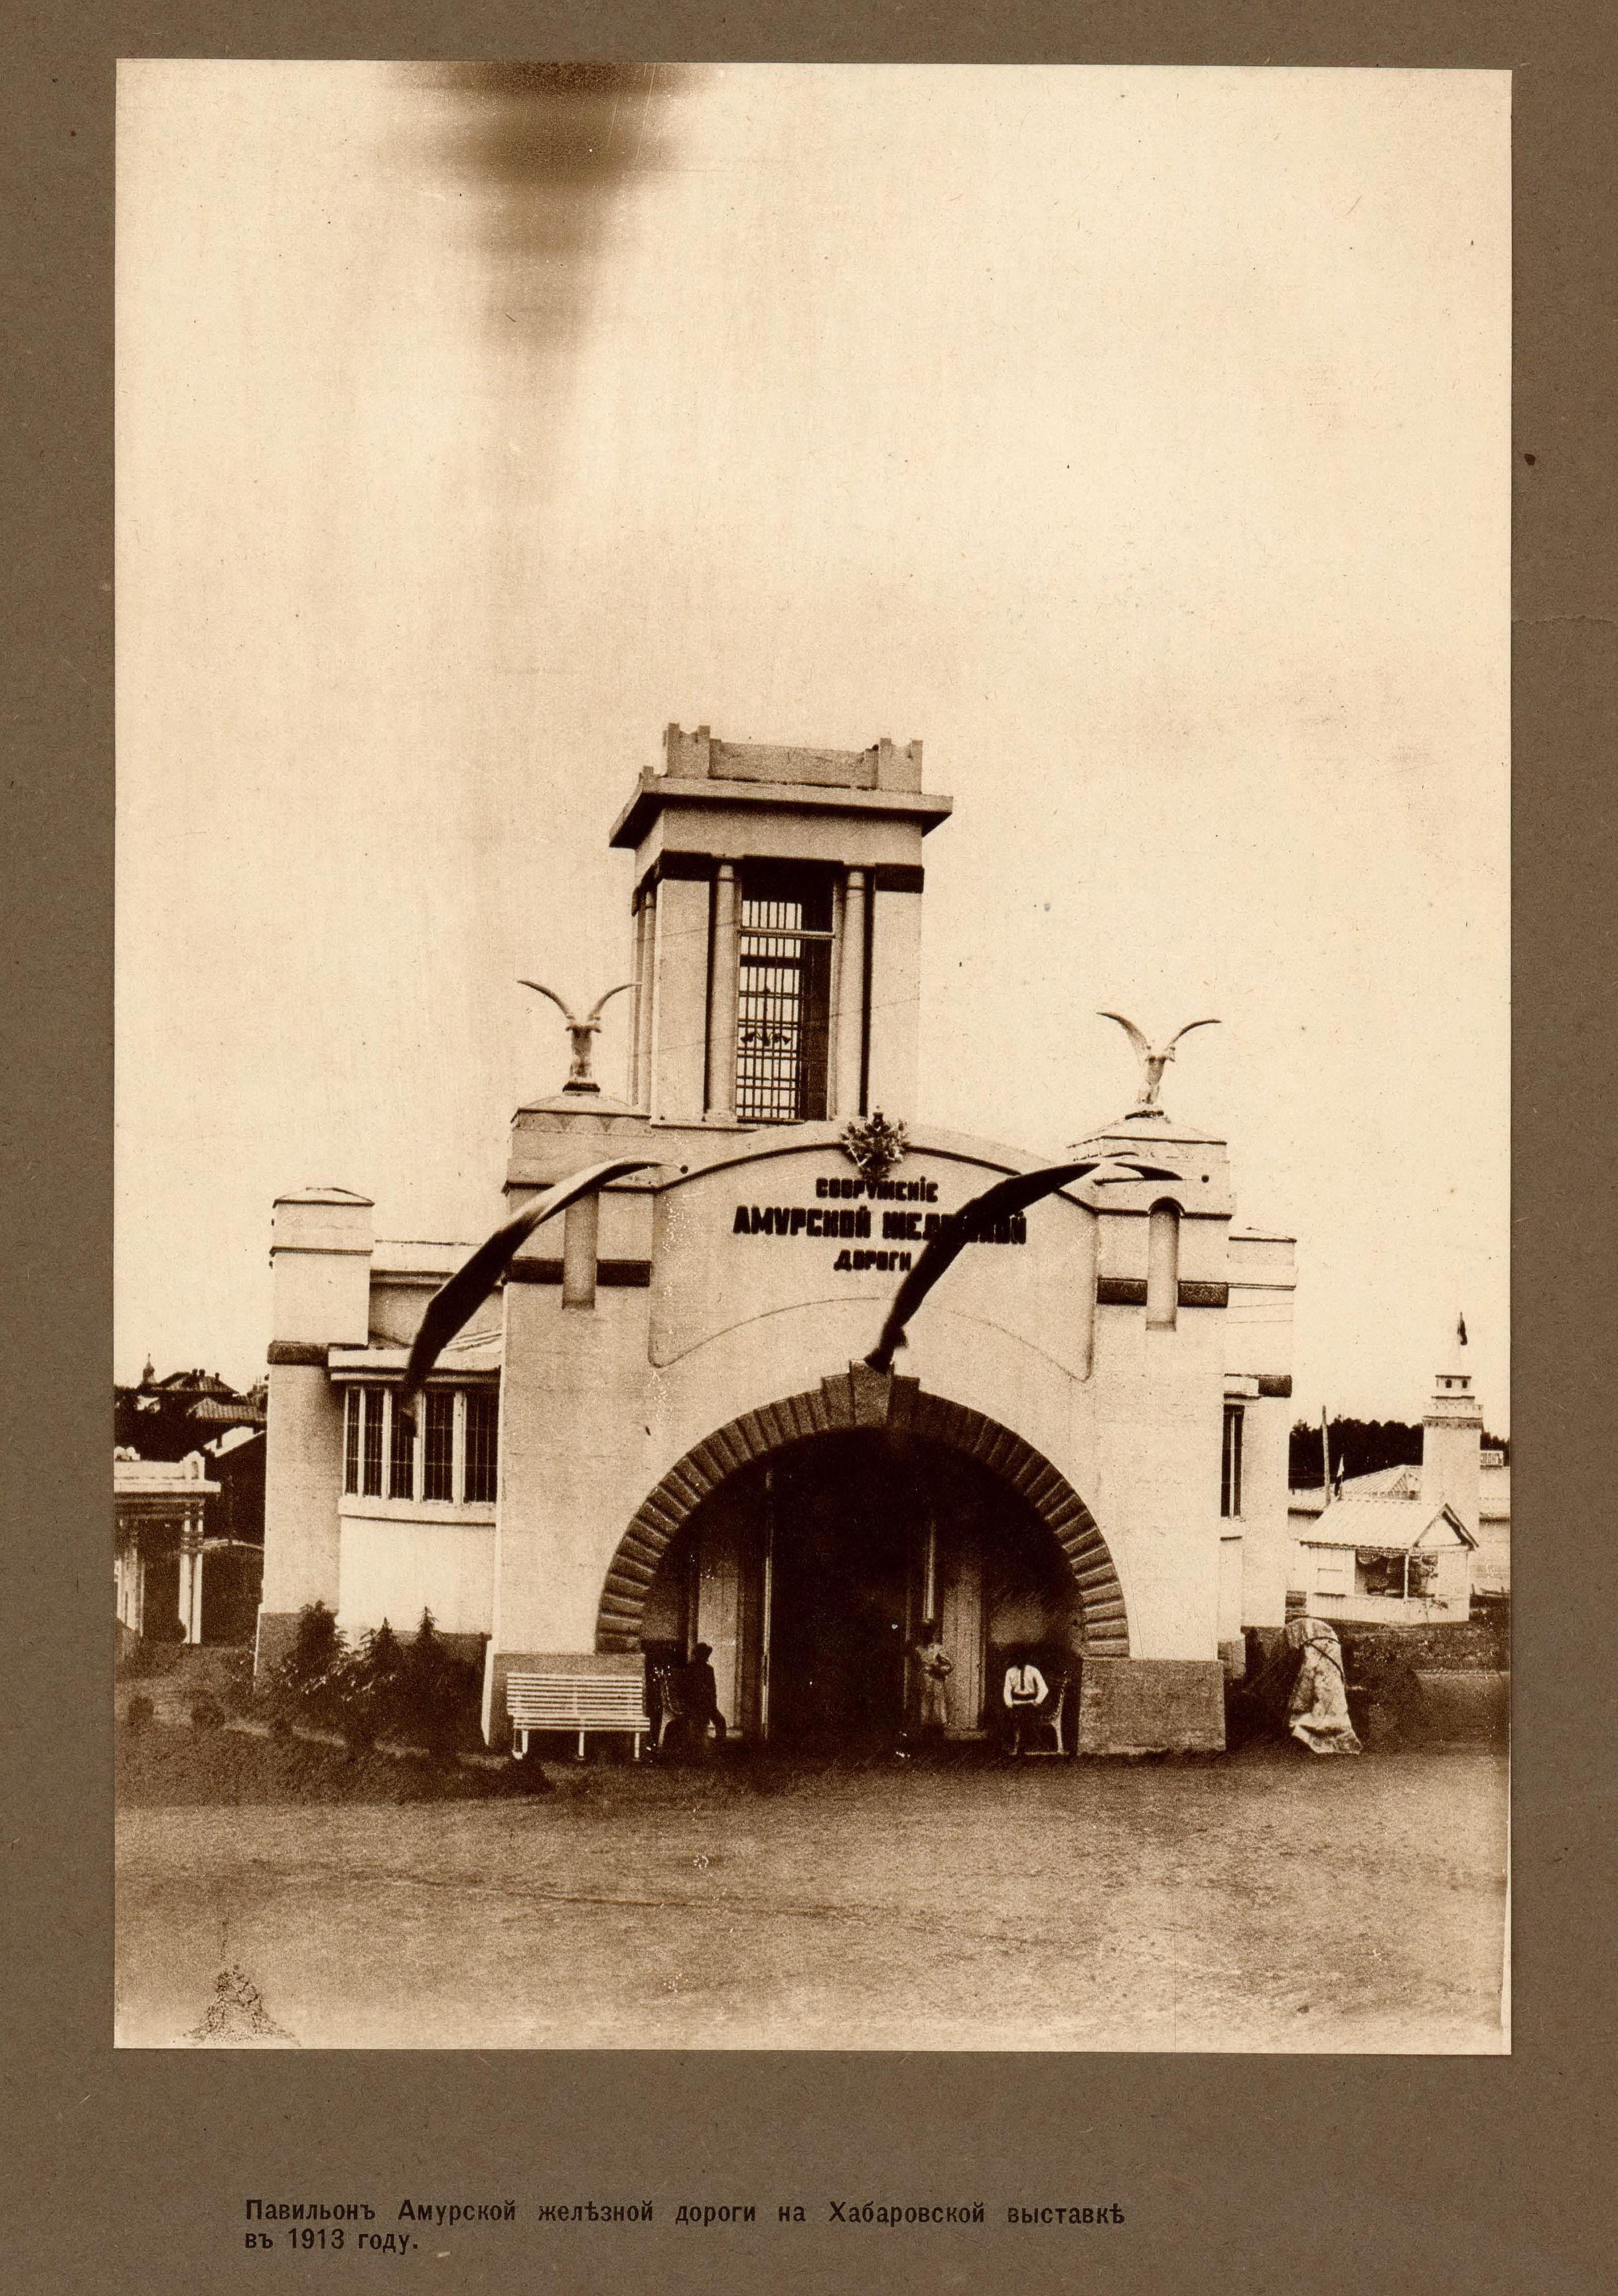 Хабаровск. Павильон Амурской железной дороги на Хабаровской выставке. 1913